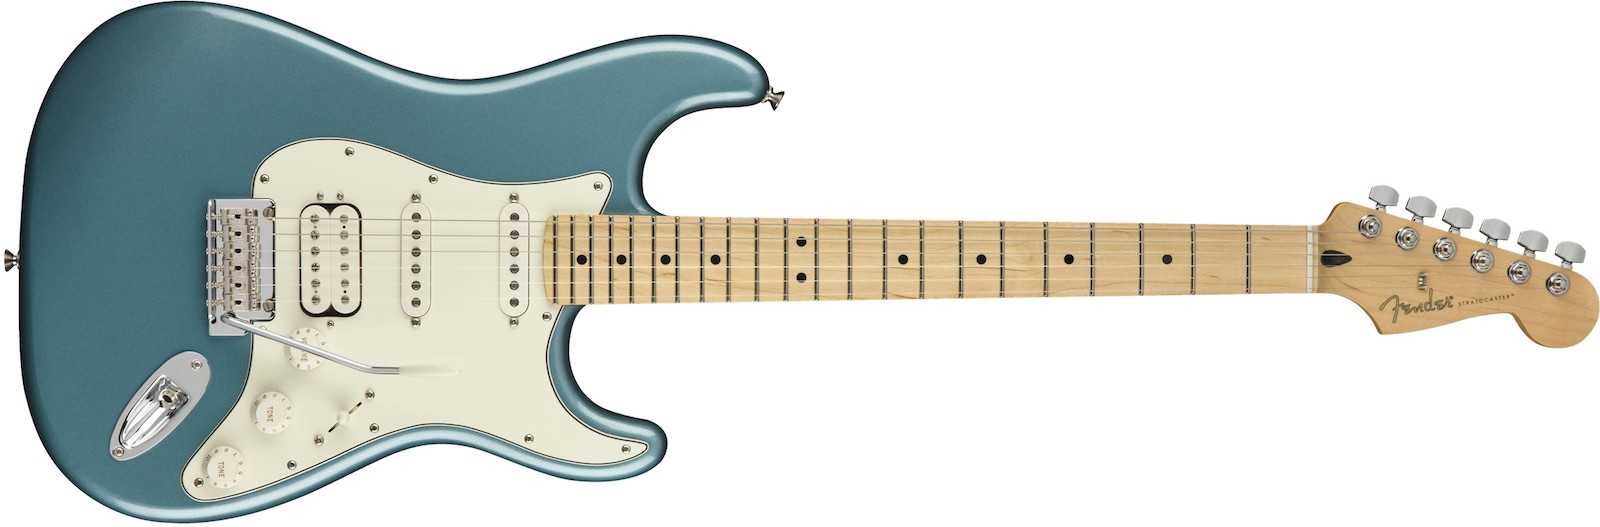 【新品】Fender Player Stratocaster HSS Maple Fingerboard ~Tidepool~【お取り寄せ】【送料無料】【池袋店】